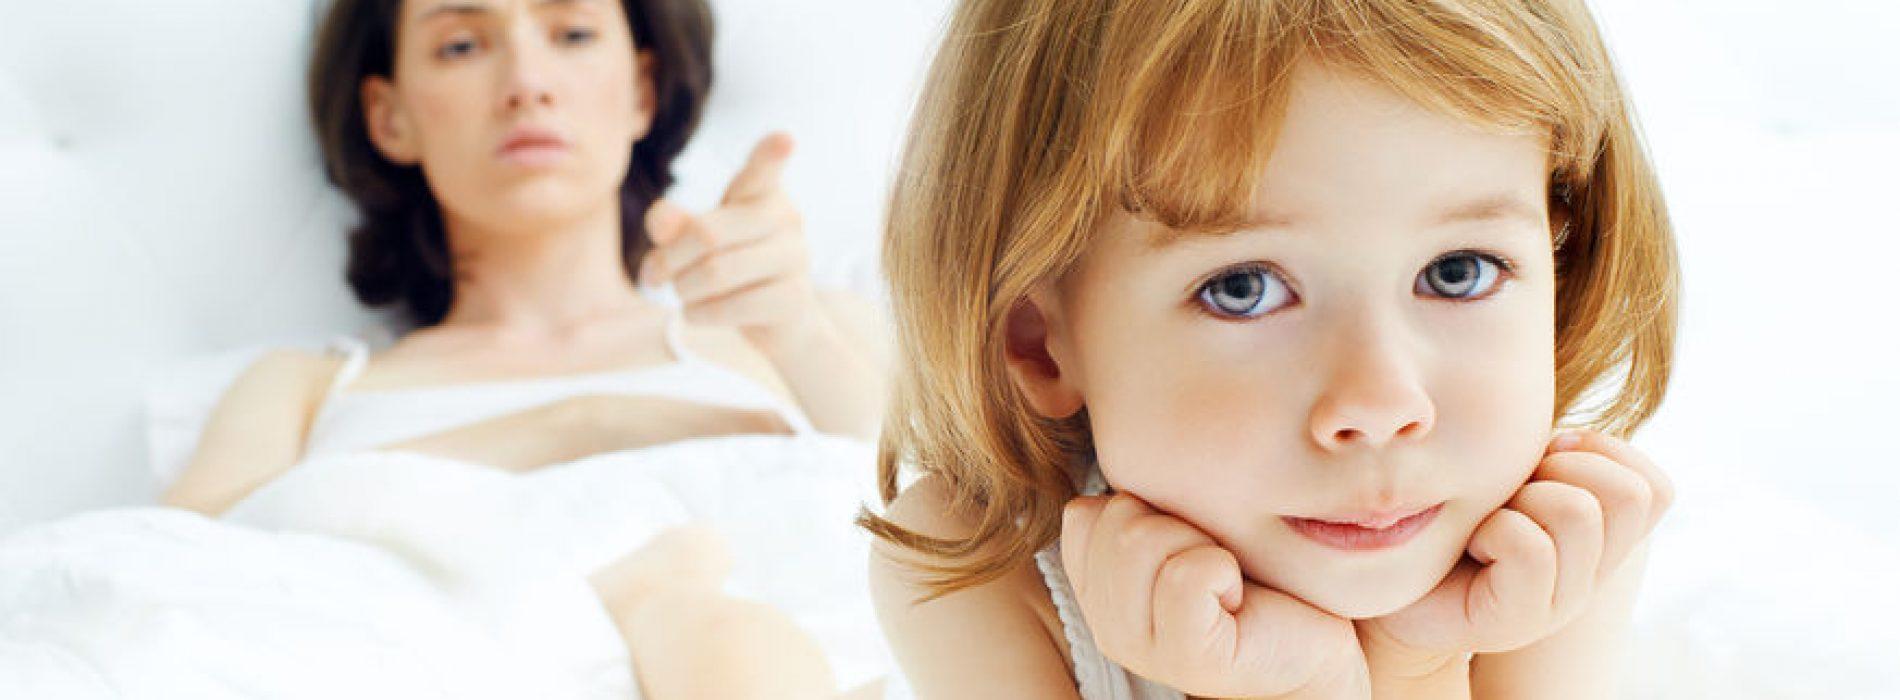 Dziecko w przedszkolu. Jak dbać o jego zdrowie?